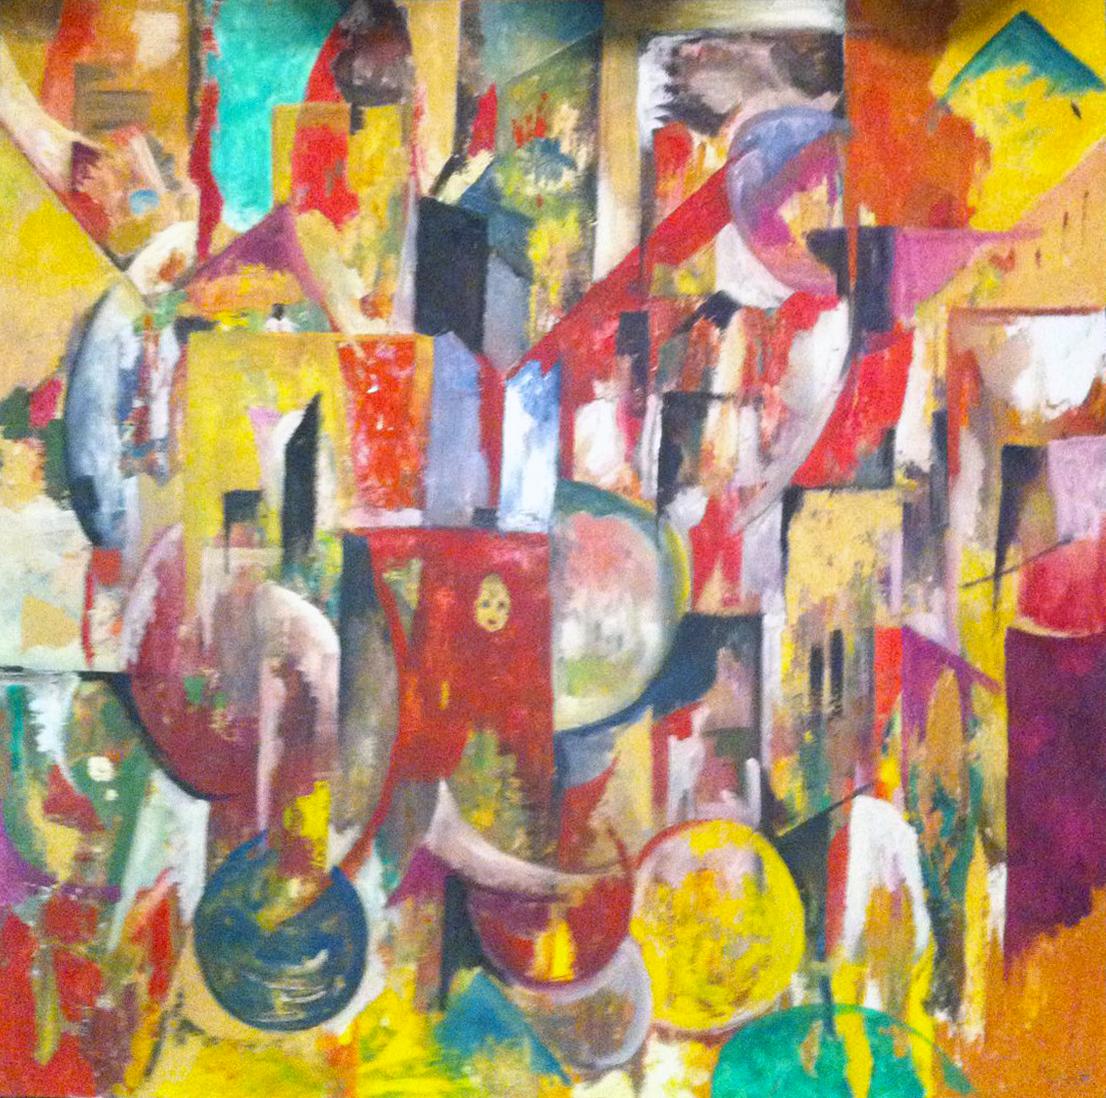 100x100, Astrattismo,Colori,Italia,Italiano,Materico,Michele Sollazzo,Olio su Tela,Pittore,Pittura Astratta,Pittura Materica,Quadro